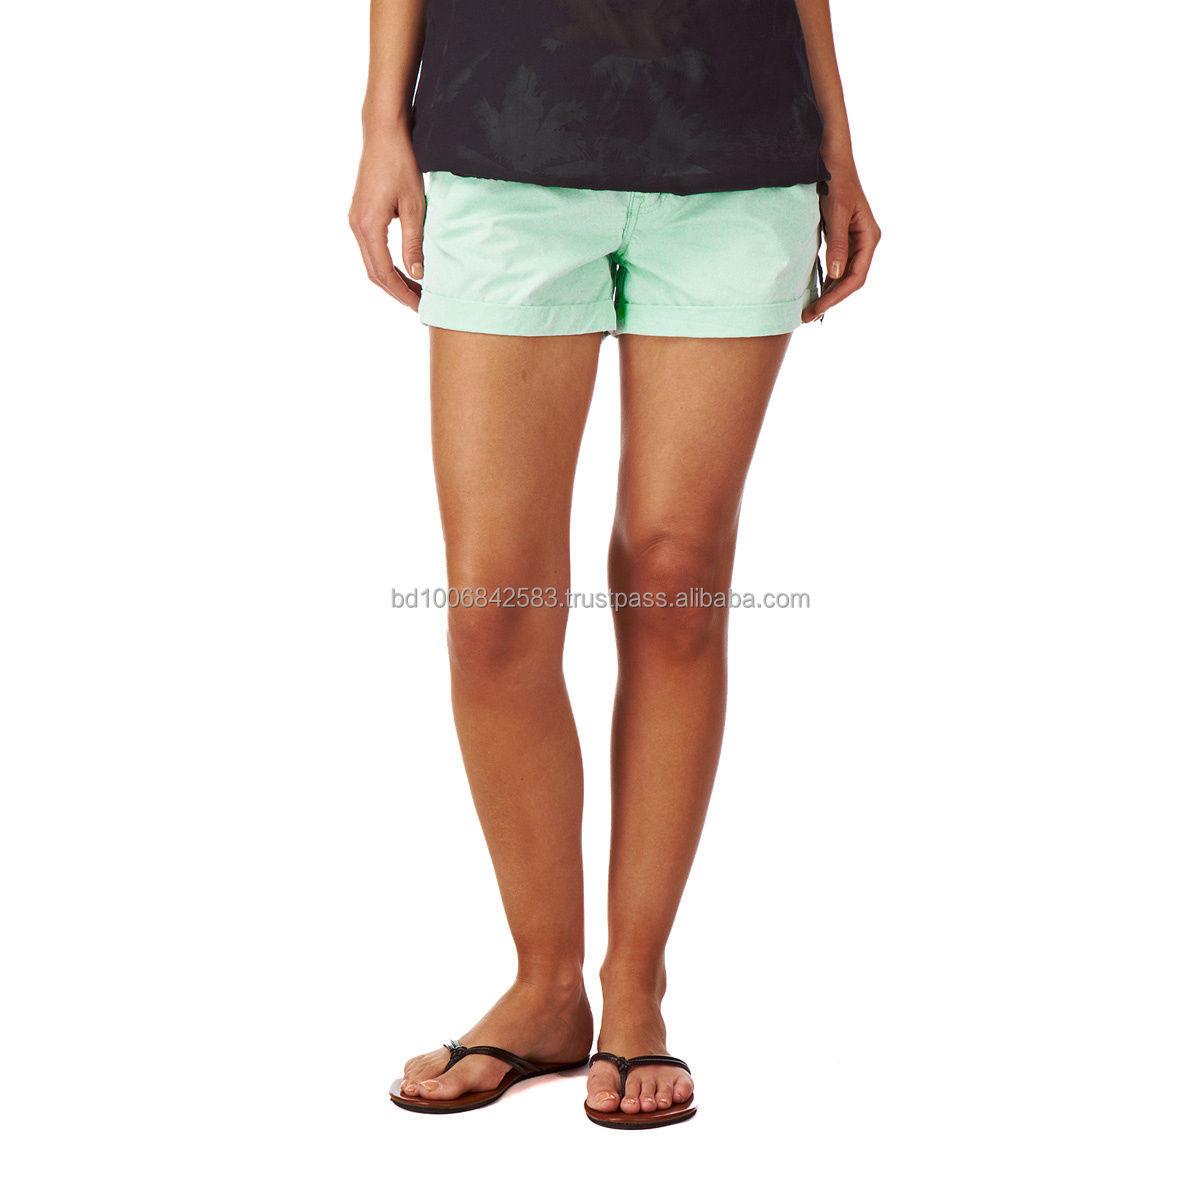 Korte Broek Jeans Dames.Hoge Kwaliteit Dames Denim Shorts Dames Mooie Korte Broek Dames